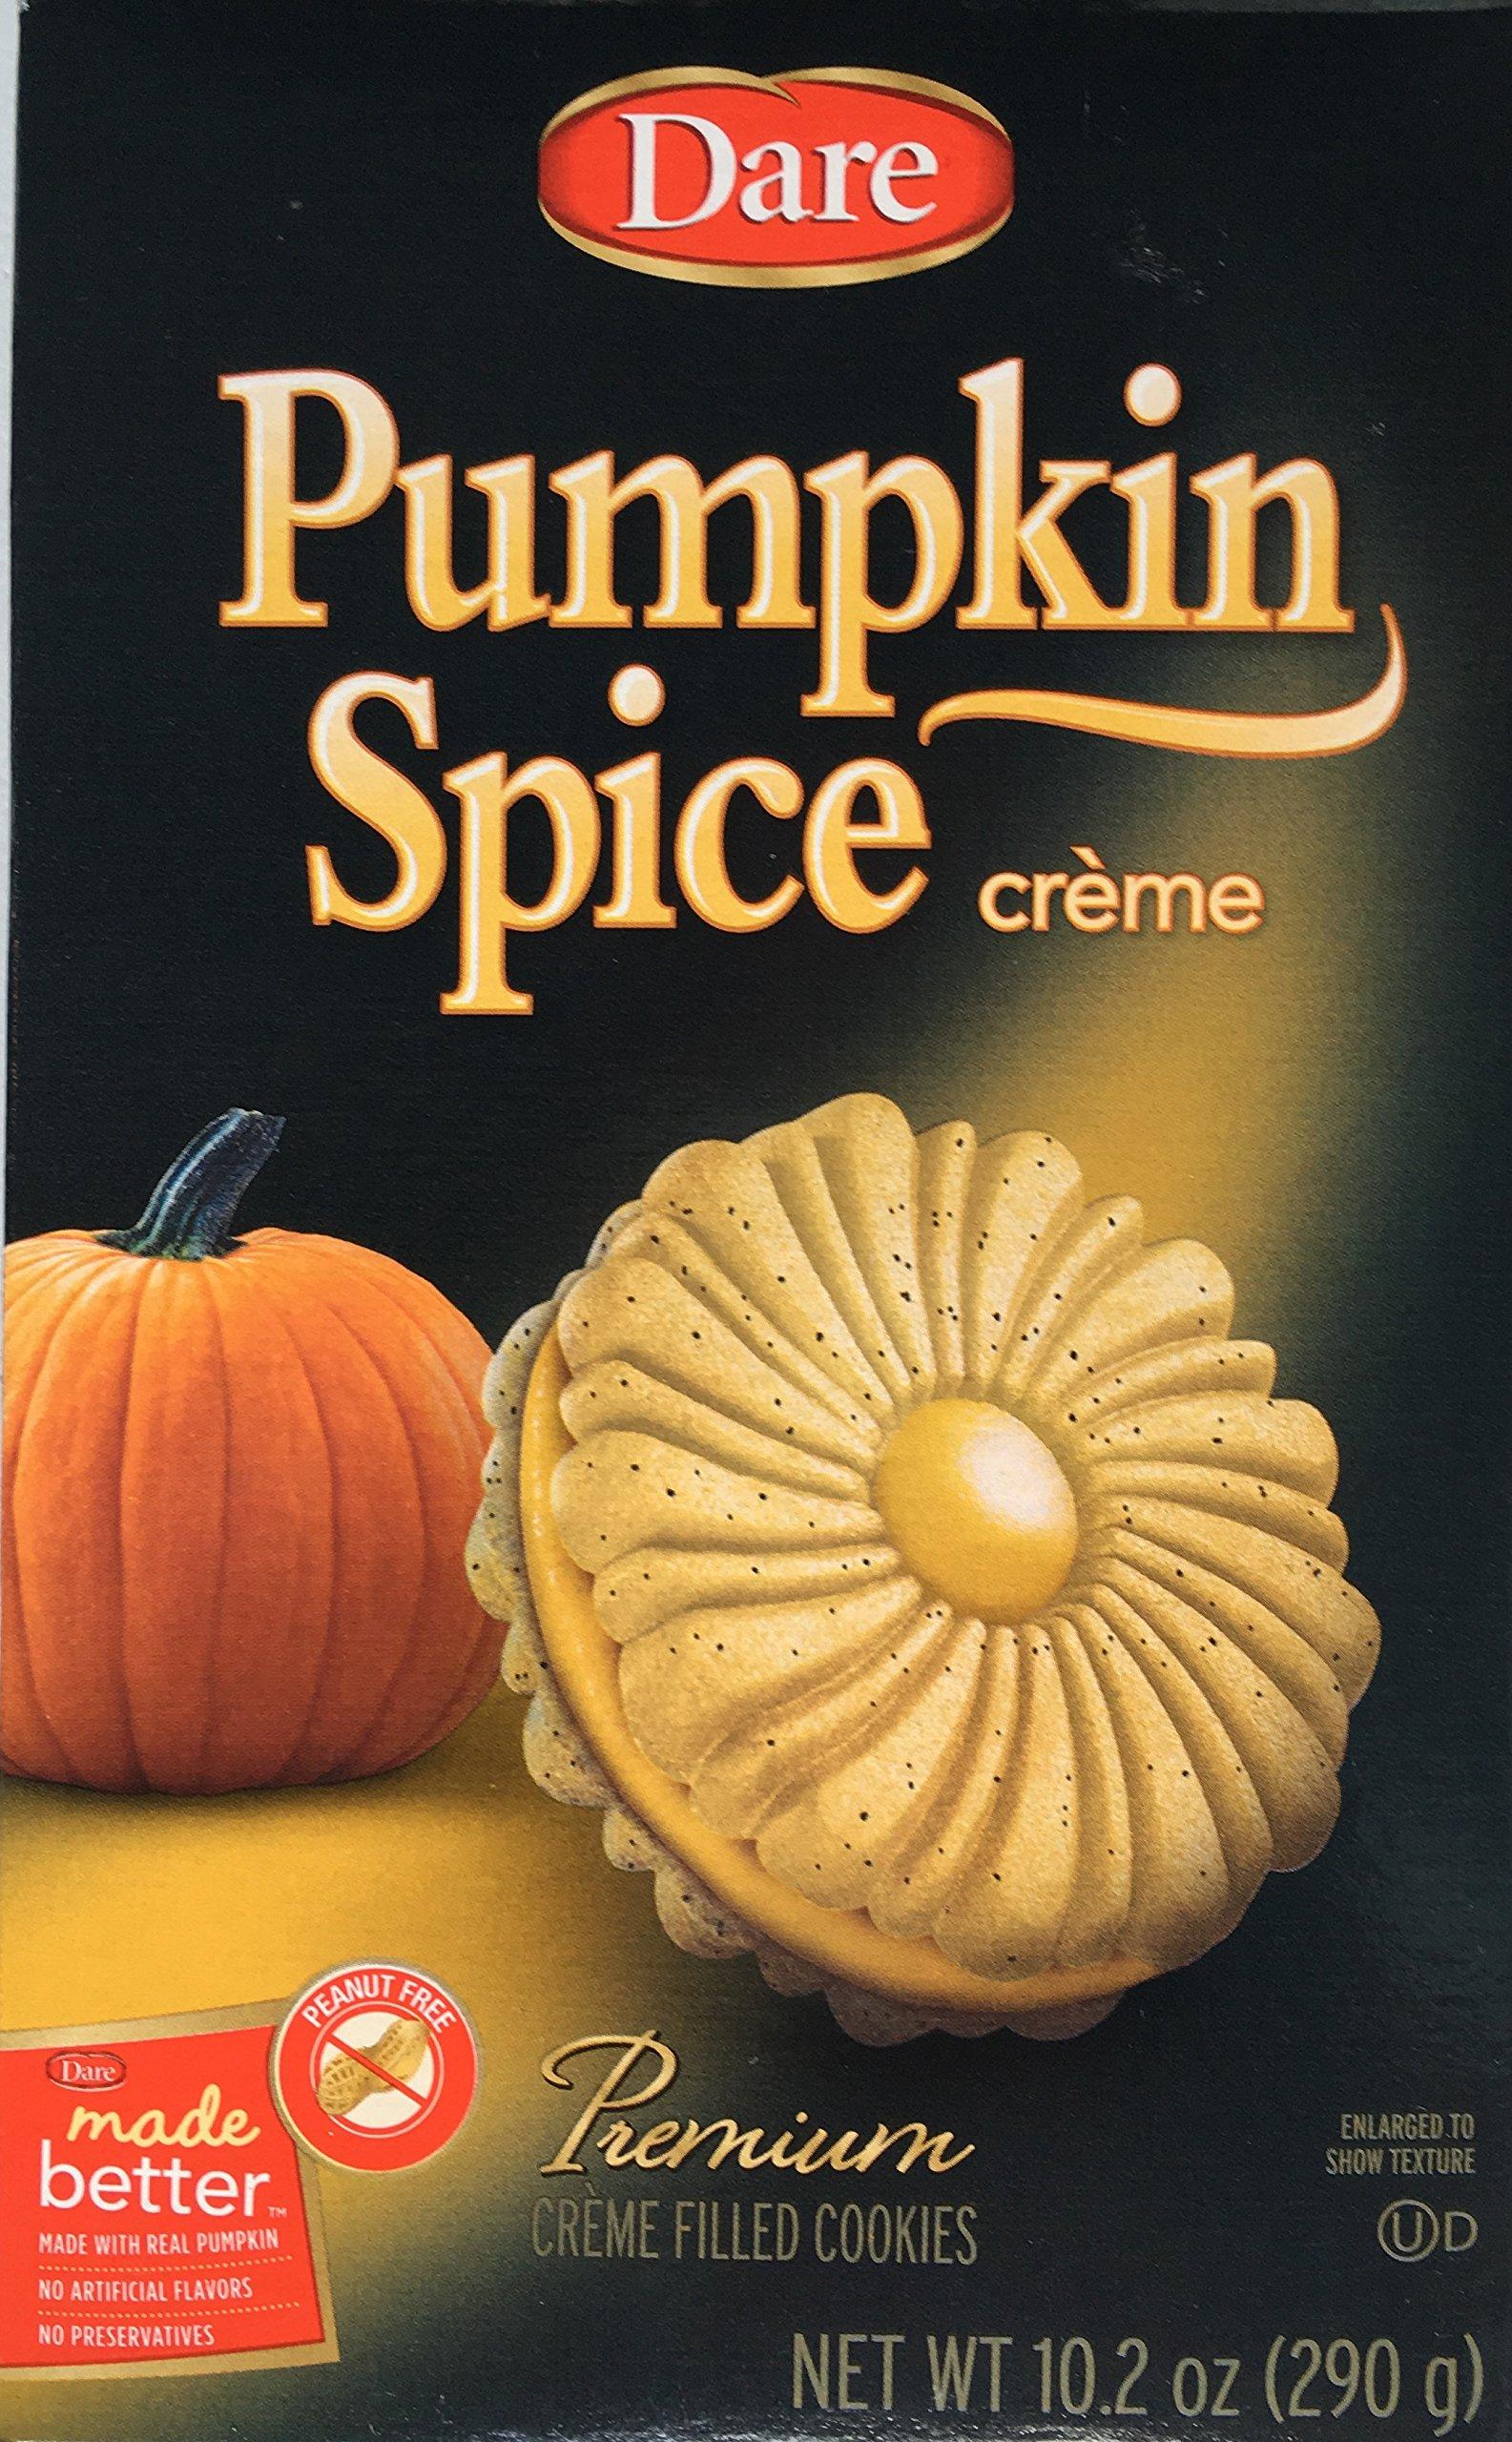 Dare Cookie Pumpkin Spice Creme, 10.19 oz by Dare